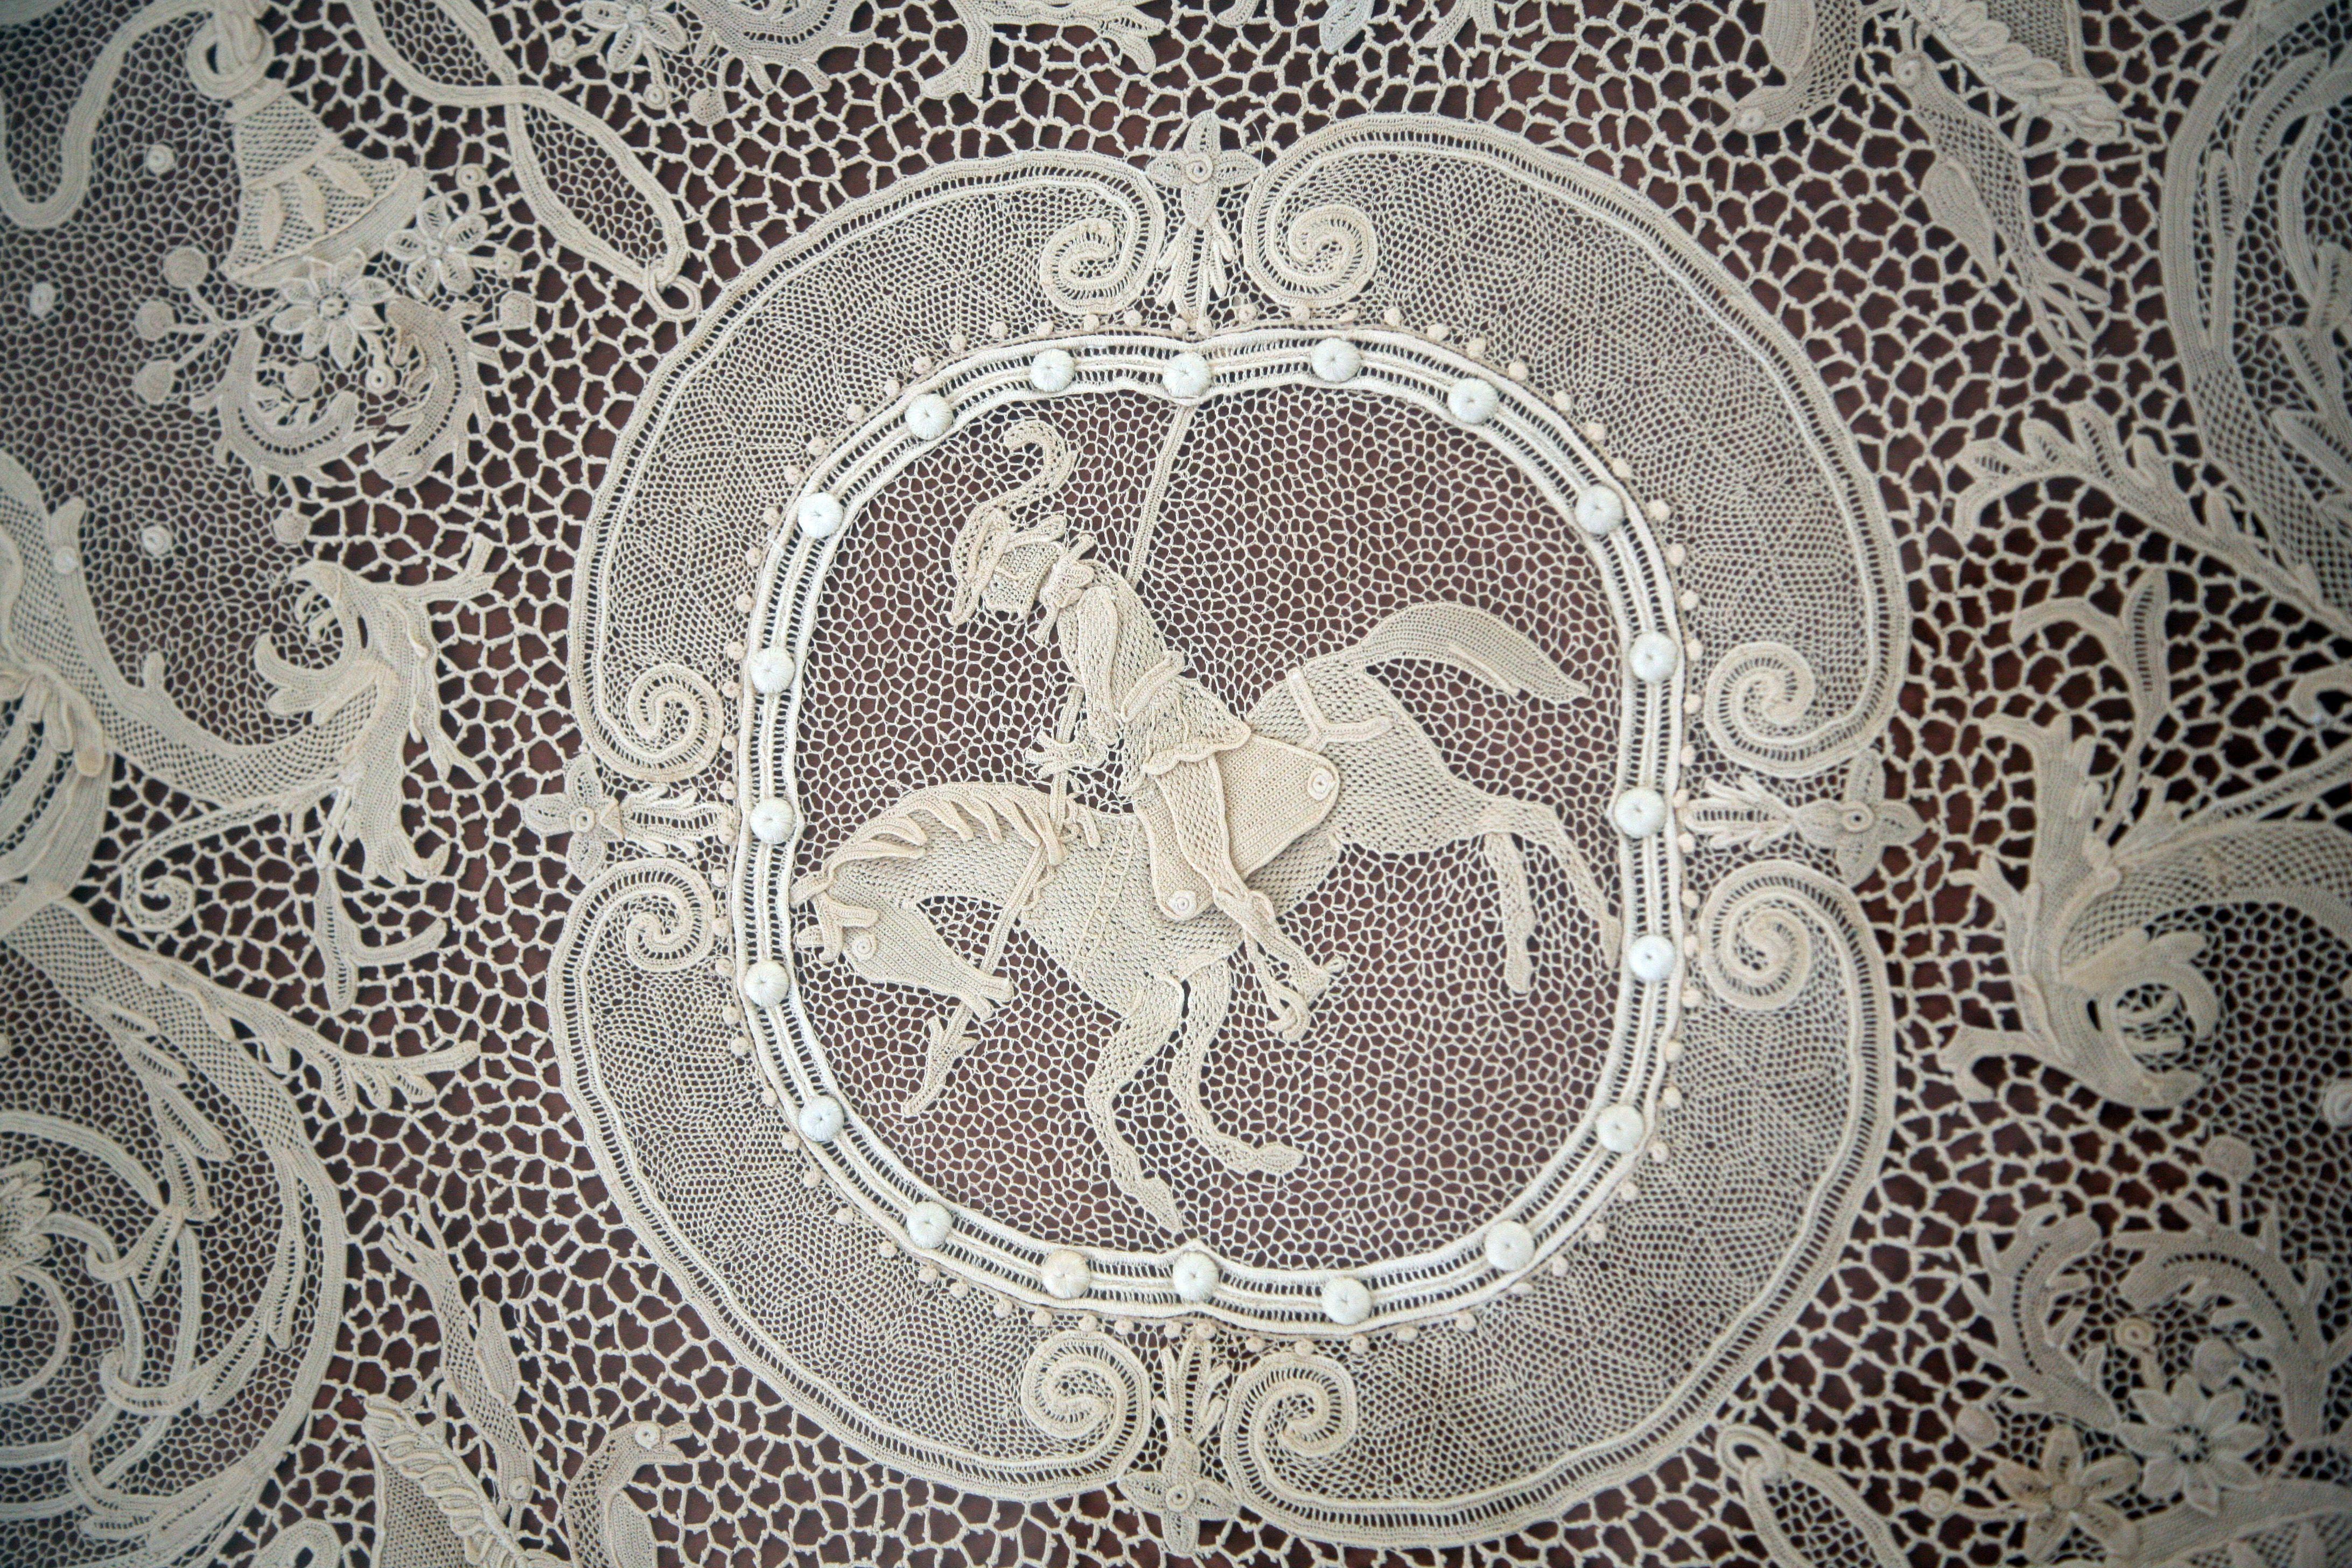 Orvieto crochet lace  Luisa Geremei Pettinelli. Merletto di Orvieto.  Pannello decorativo